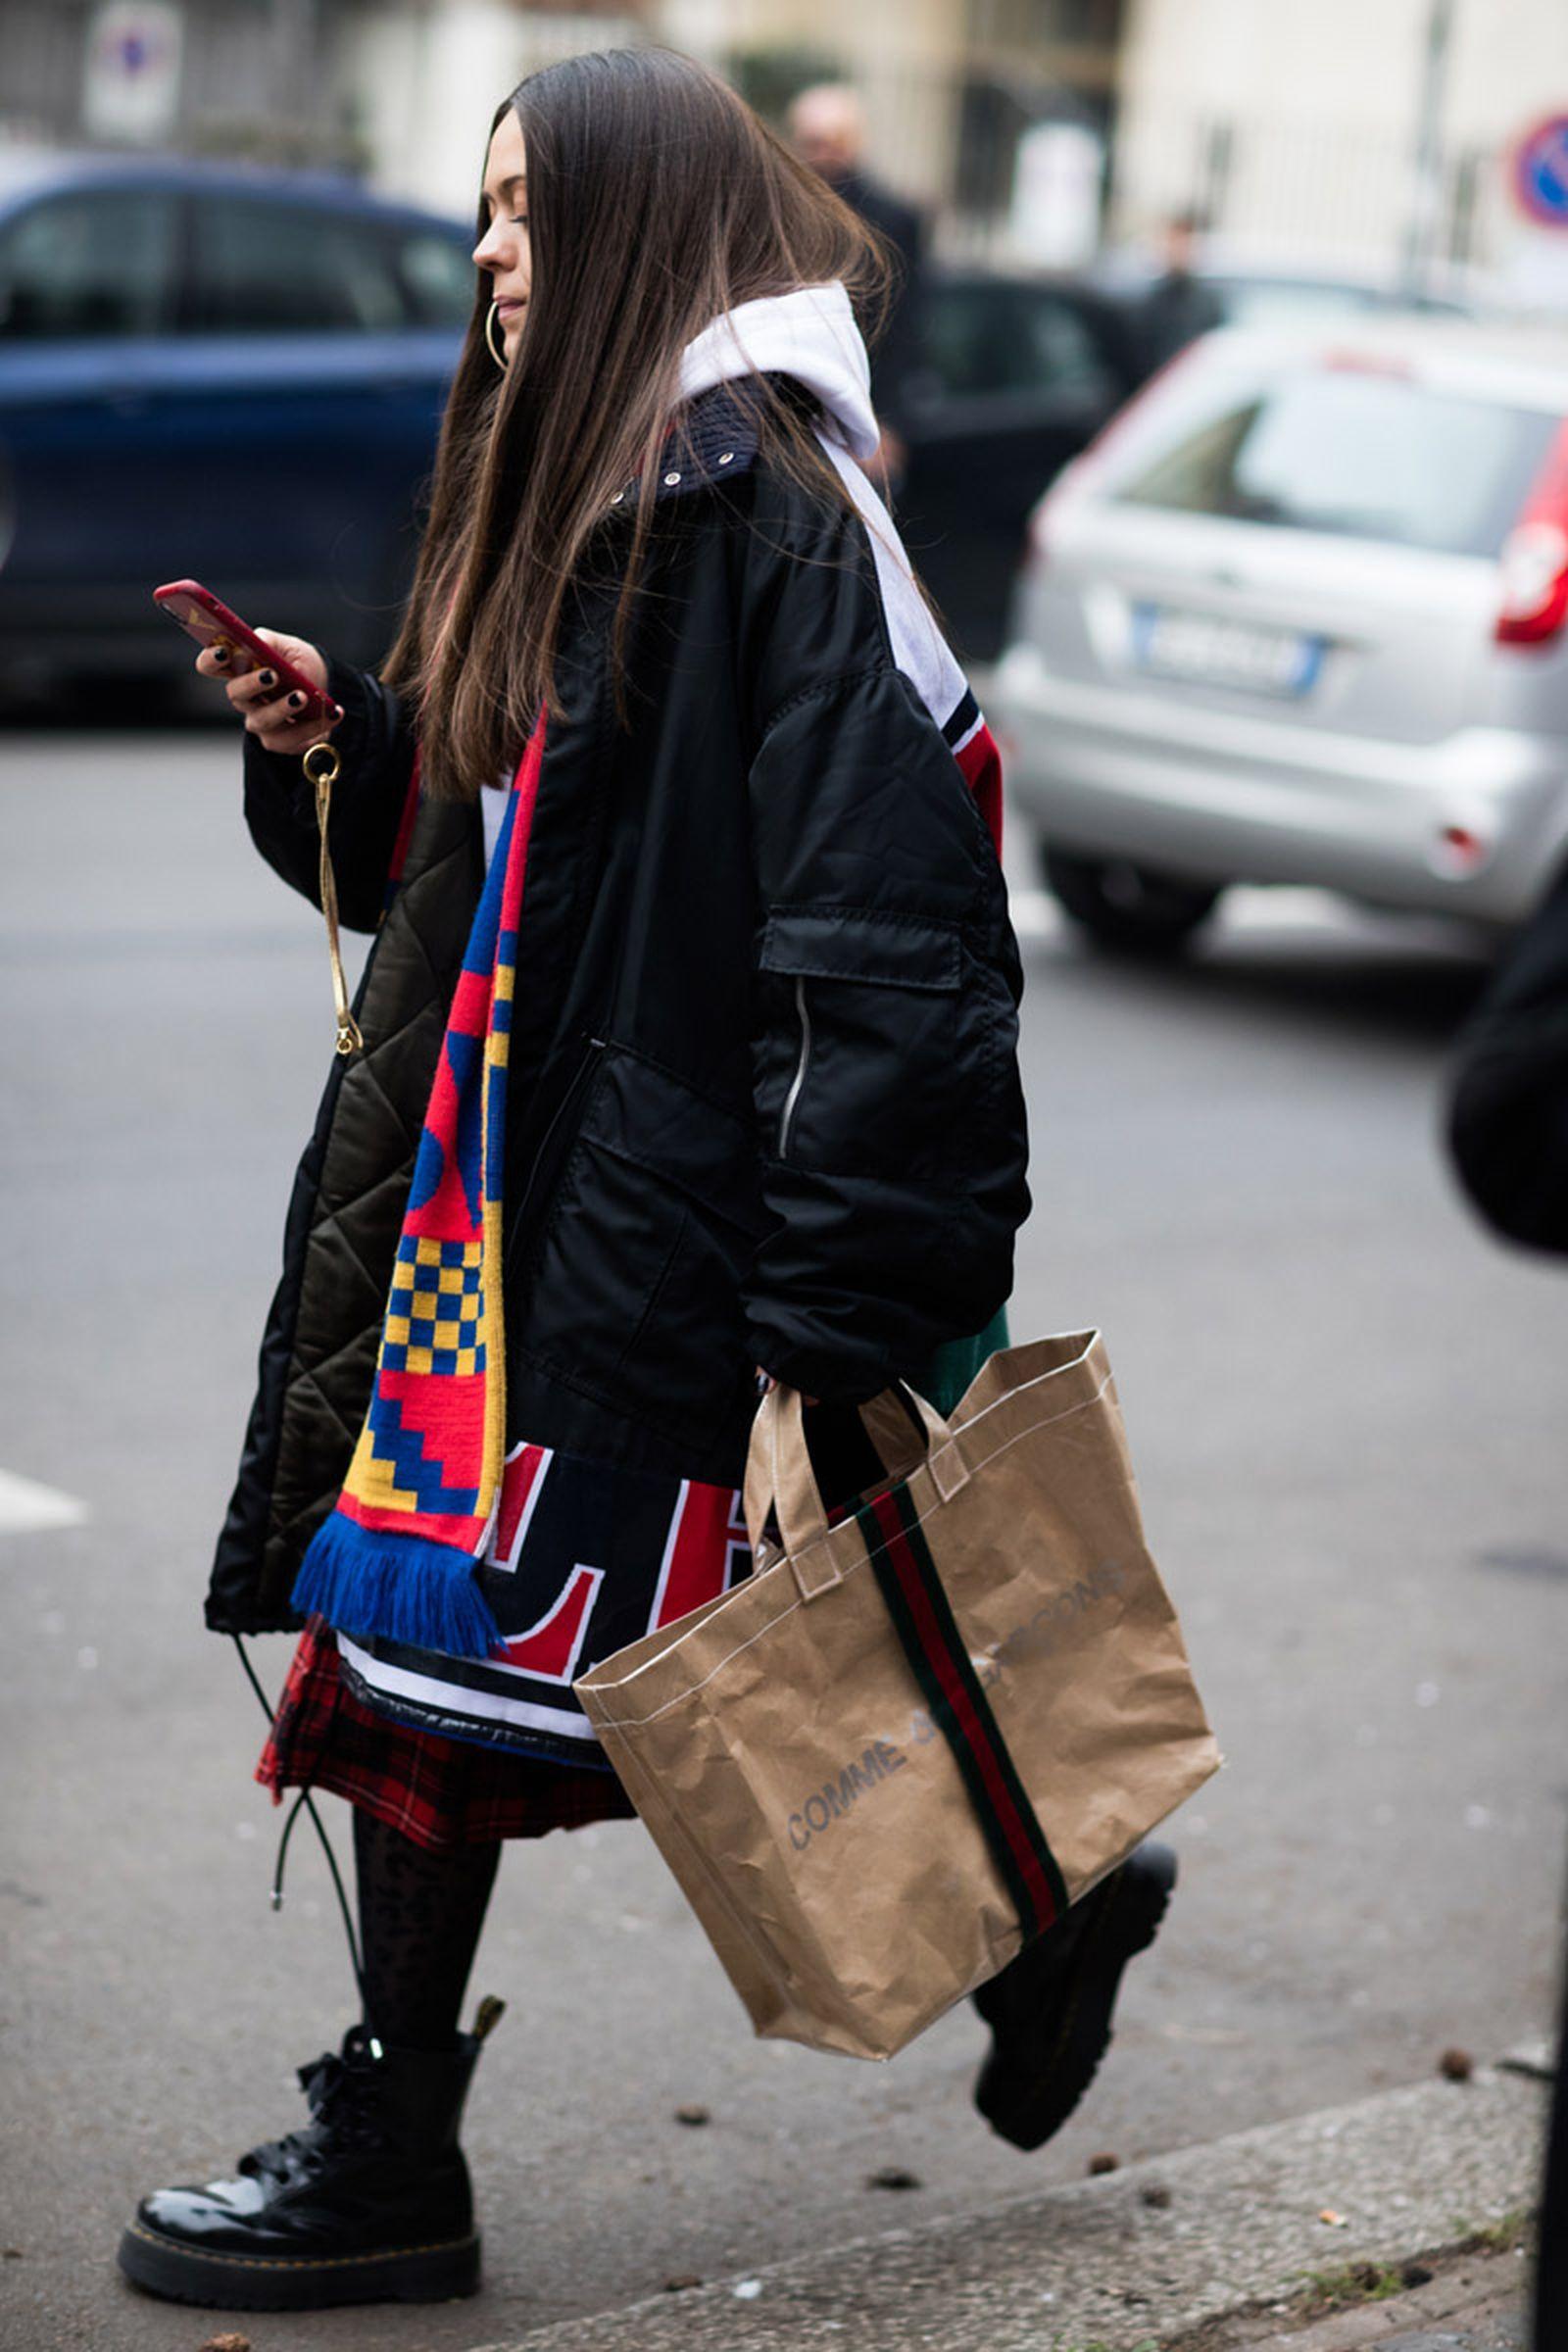 20milan fashion week street style 032c HBA x Colmar Supreme